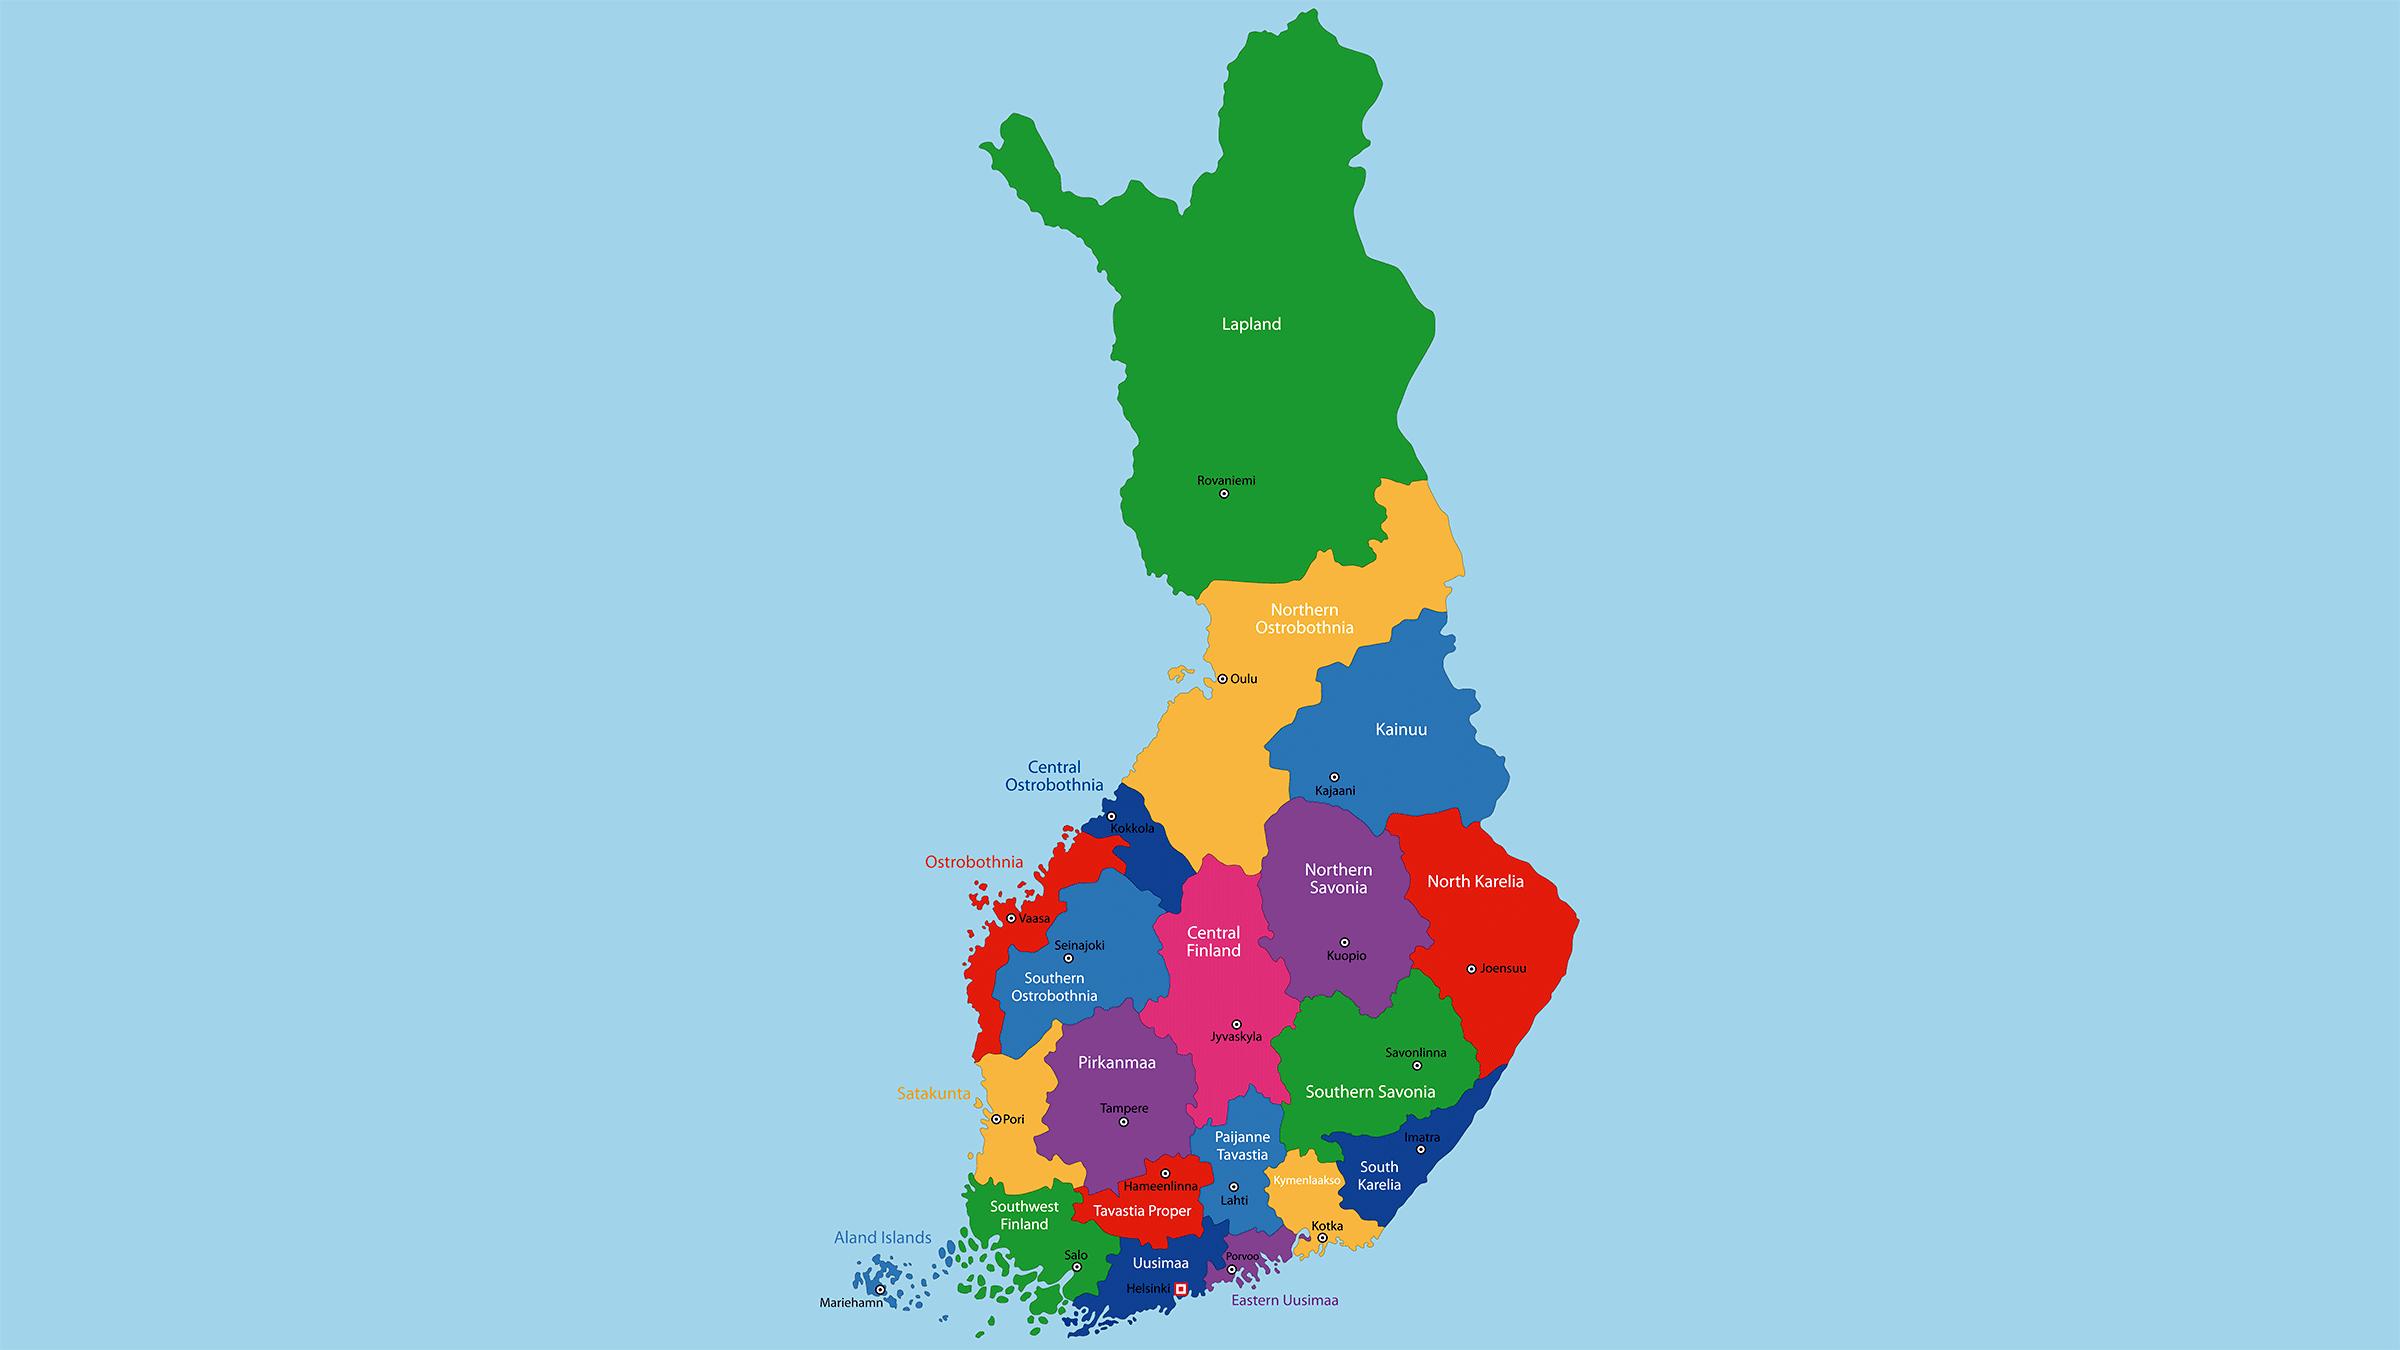 Mapa político de Finlandia